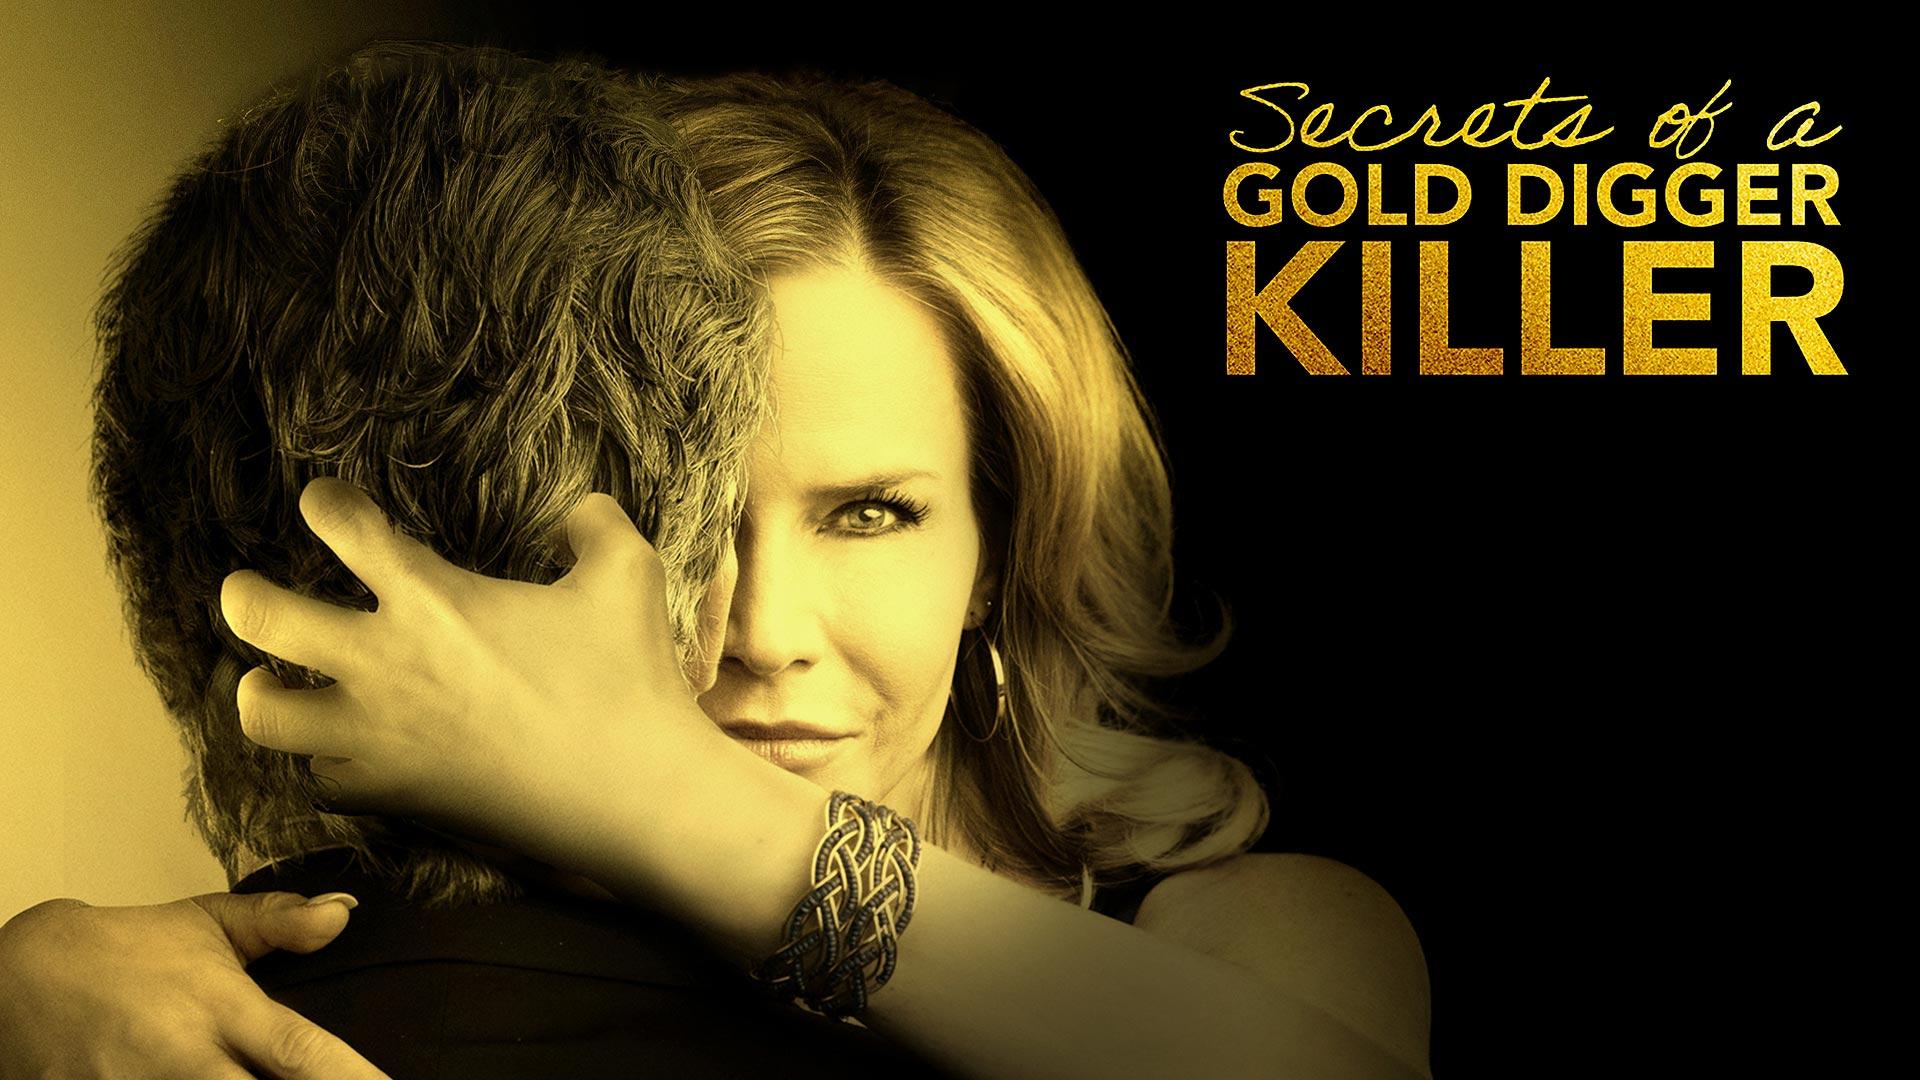 Secrets of a Gold Digger Killer